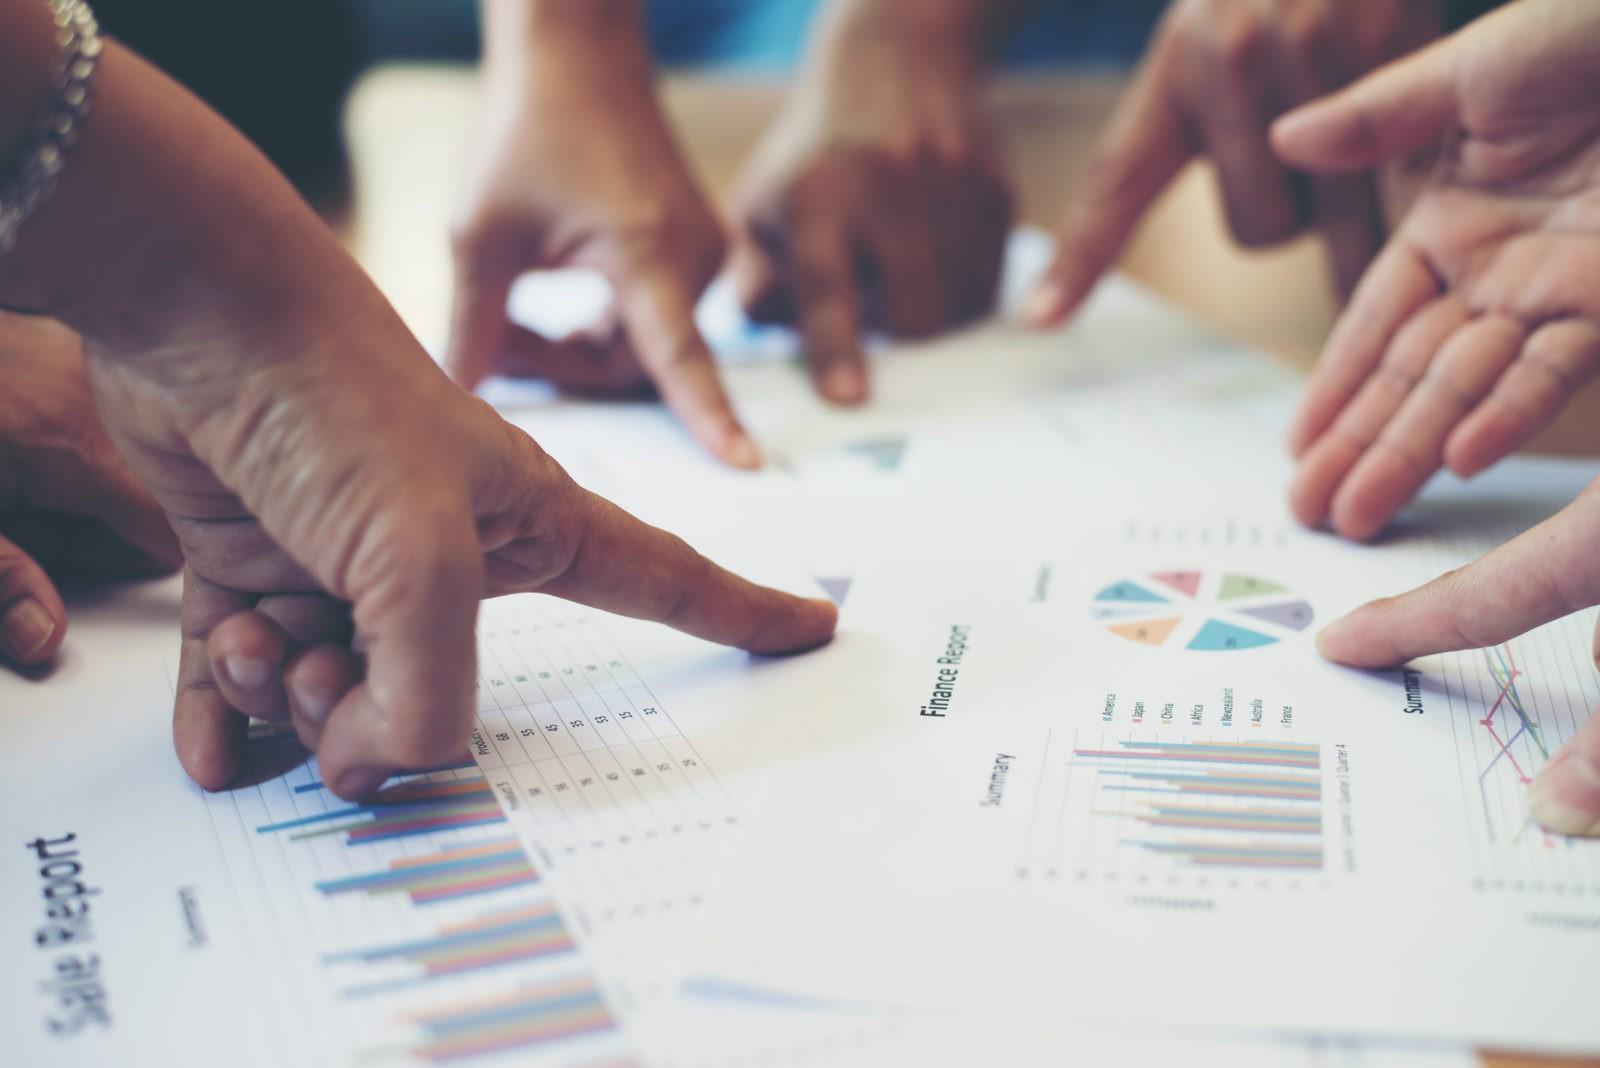 系統教學 – 會員管理與儲值篇